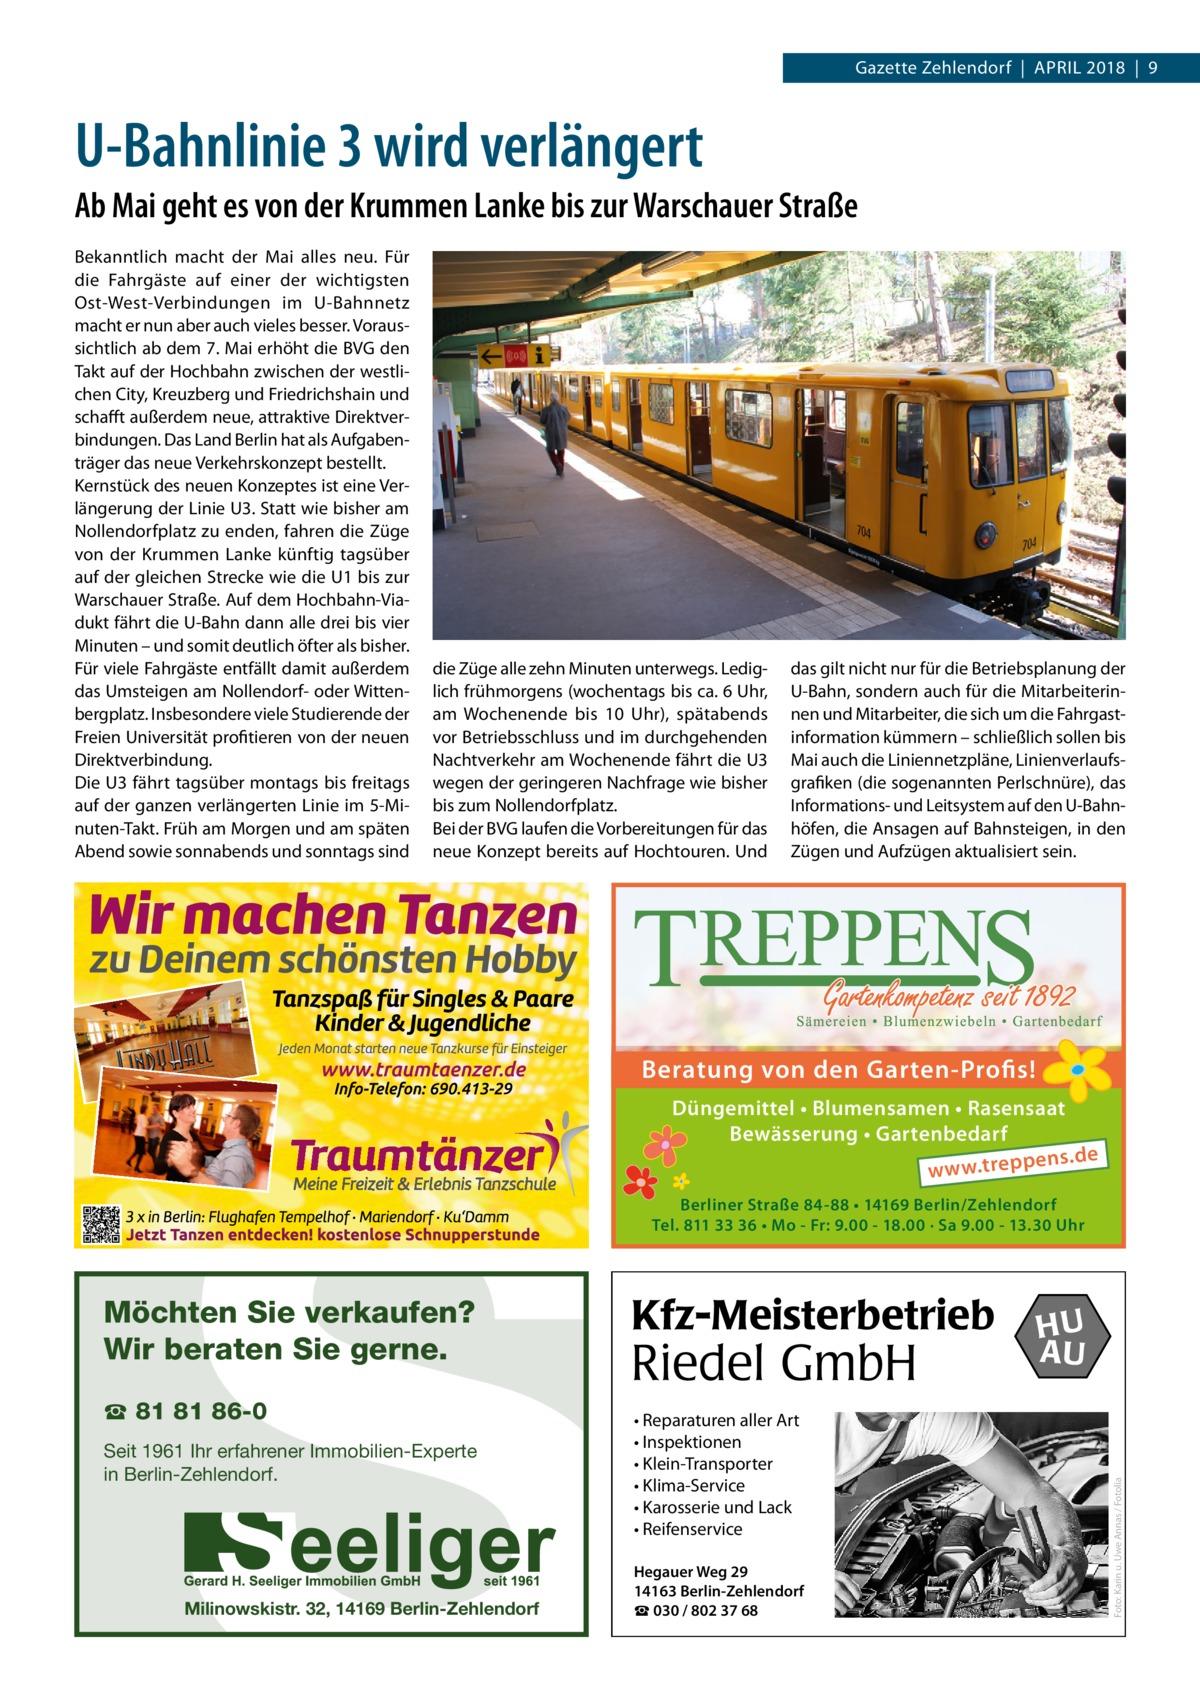 Gazette Zehlendorf April 2018 9  U-Bahnlinie 3 wird verlängert Ab Mai geht es von der Krummen Lanke bis zur Warschauer Straße Bekanntlich macht der Mai alles neu. Für die Fahrgäste auf einer der wichtigsten Ost-West-Verbindungen im U-Bahnnetz macht er nun aber auch vieles besser. Voraussichtlich ab dem 7.Mai erhöht die BVG den Takt auf der Hochbahn zwischen der westlichen City, Kreuzberg und Friedrichshain und schafft außerdem neue, attraktive Direktverbindungen. Das Land Berlin hat als Aufgabenträger das neue Verkehrskonzept bestellt. Kernstück des neuen Konzeptes ist eine Verlängerung der LinieU3. Statt wie bisher am Nollendorfplatz zu enden, fahren die Züge von der Krummen Lanke künftig tagsüber auf der gleichen Strecke wie die U1 bis zur Warschauer Straße. Auf dem Hochbahn-Viadukt fährt die U-Bahn dann alle drei bis vier Minuten – und somit deutlich öfter als bisher. Für viele Fahrgäste entfällt damit außerdem das Umsteigen am Nollendorf- oder Wittenbergplatz. Insbesondere viele Studierende der Freien Universität profitieren von der neuen Direktverbindung. Die U3 fährt tagsüber montags bis freitags auf der ganzen verlängerten Linie im 5-Minuten-Takt. Früh am Morgen und am späten Abend sowie sonnabends und sonntags sind  die Züge alle zehn Minuten unterwegs. Lediglich frühmorgens (wochentags bis ca. 6Uhr, am Wochenende bis 10 Uhr), spätabends vor Betriebsschluss und im durchgehenden Nachtverkehr am Wochenende fährt die U3 wegen der geringeren Nachfrage wie bisher bis zum Nollendorfplatz. Bei der BVG laufen die Vorbereitungen für das neue Konzept bereits auf Hochtouren. Und  S  das gilt nicht nur für die Betriebsplanung der U-Bahn, sondern auch für die Mitarbeiterinnen und Mitarbeiter, die sich um die Fahrgast information kümmern – schließlich sollen bis Mai auch die Liniennetzpläne, Linienverlaufsgrafiken (die sogenannten Perlschnüre), das Informations- und Leitsystem auf den U-Bahnhöfen, die Ansagen auf Bahnsteigen, in den Zügen und Aufzügen aktualisiert sein.  